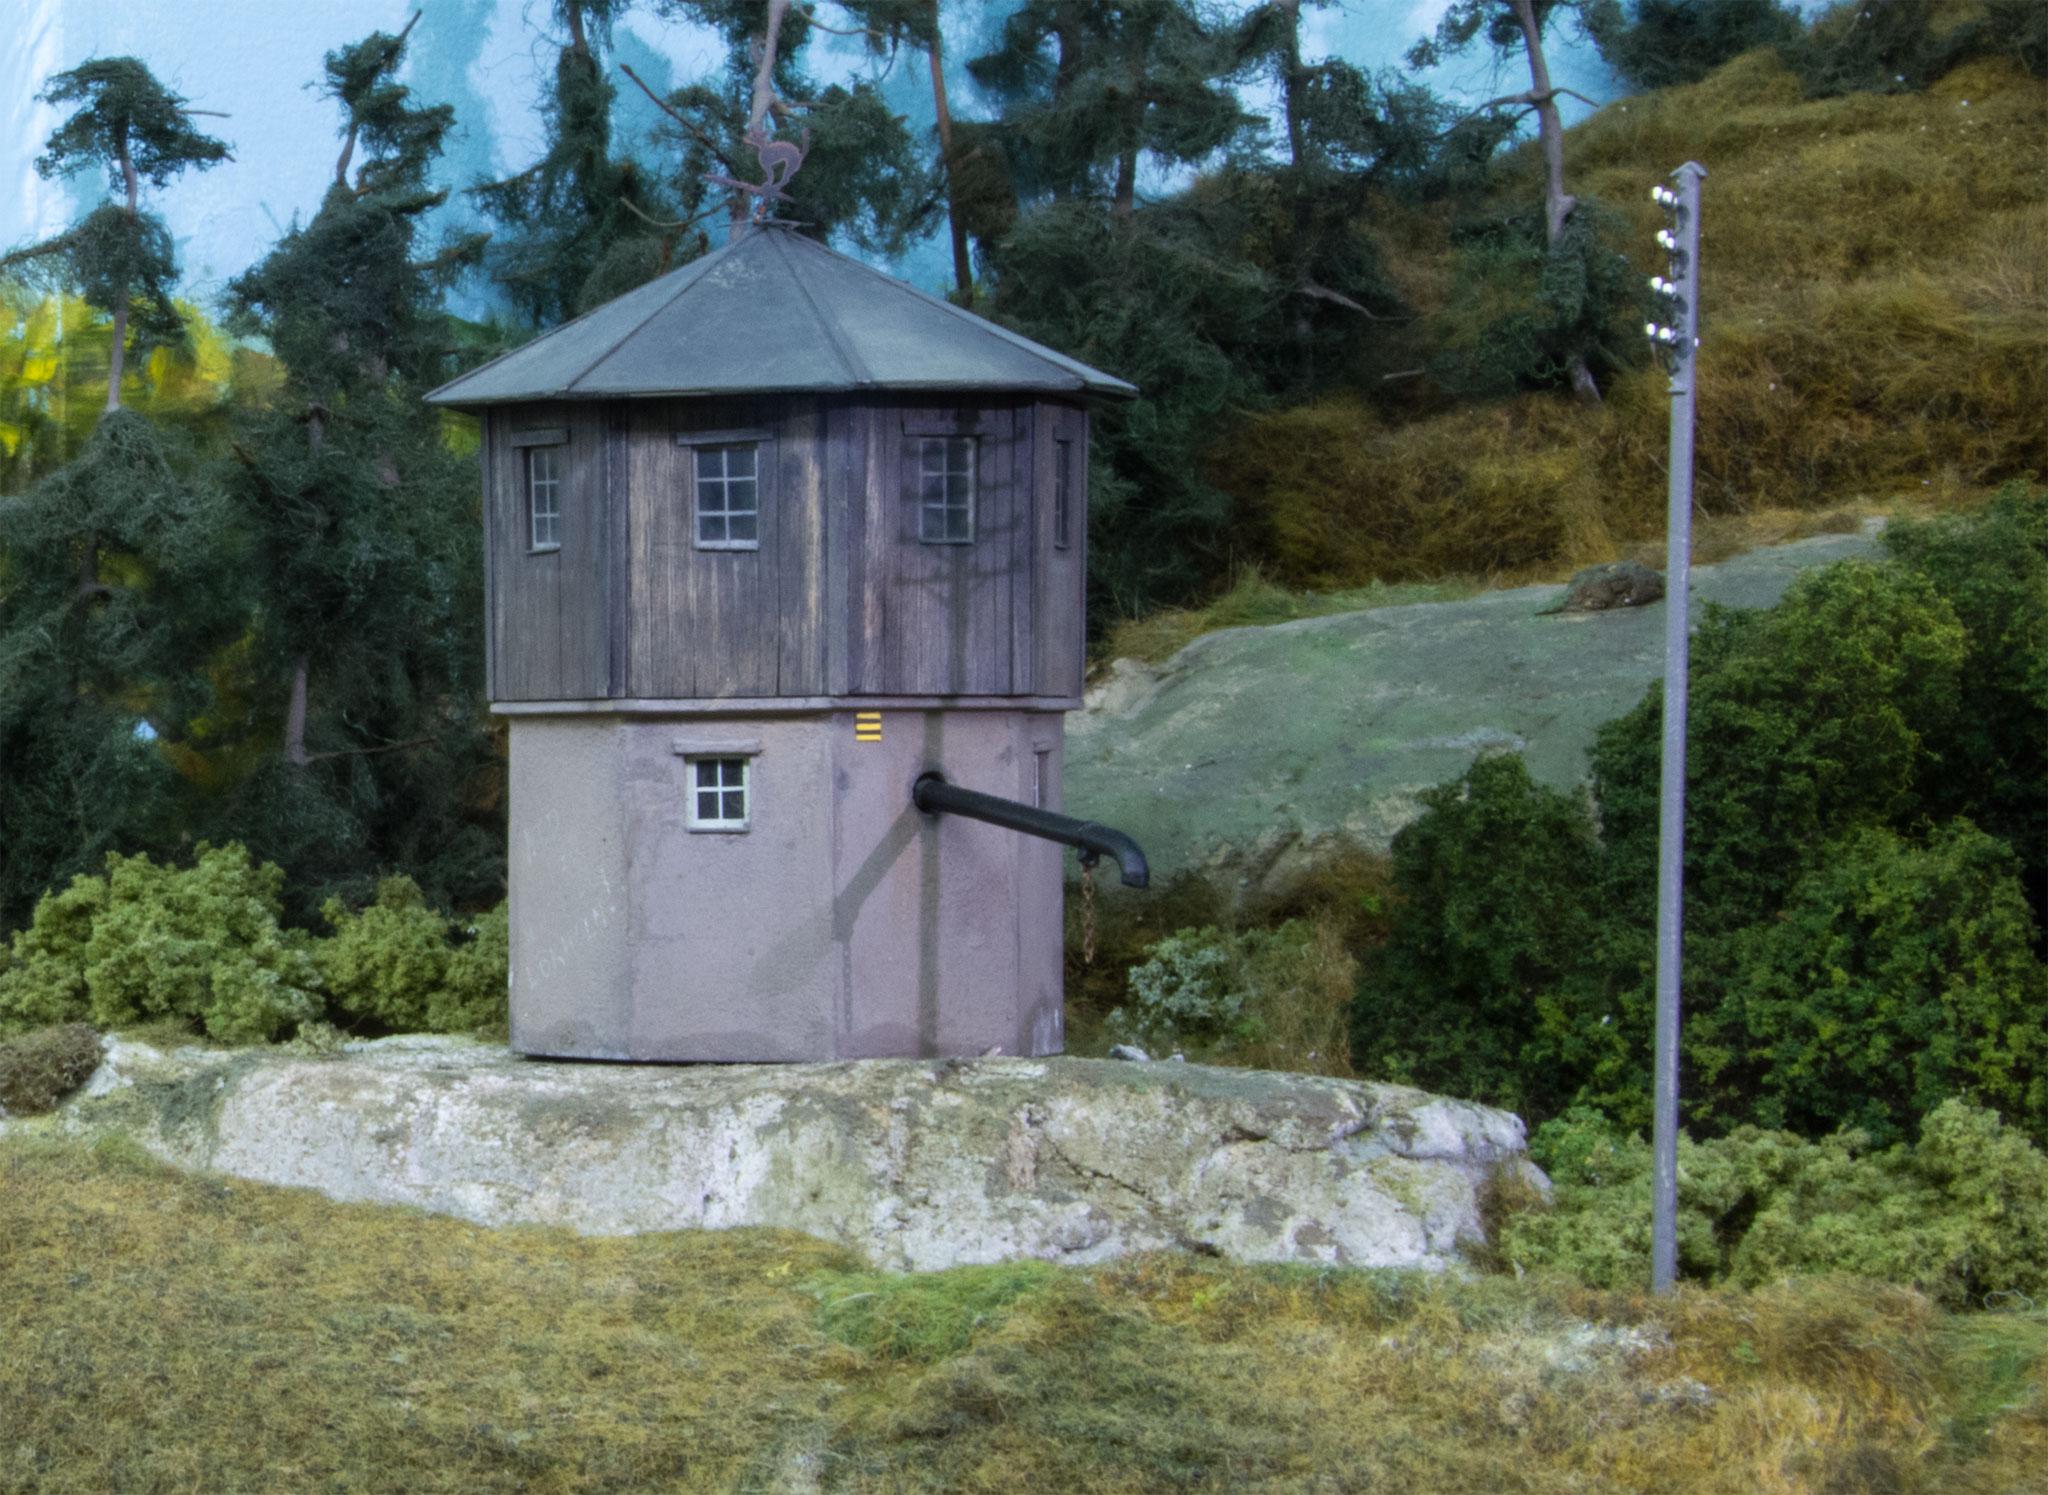 Vandtårnet ved Ockhult trinbræt